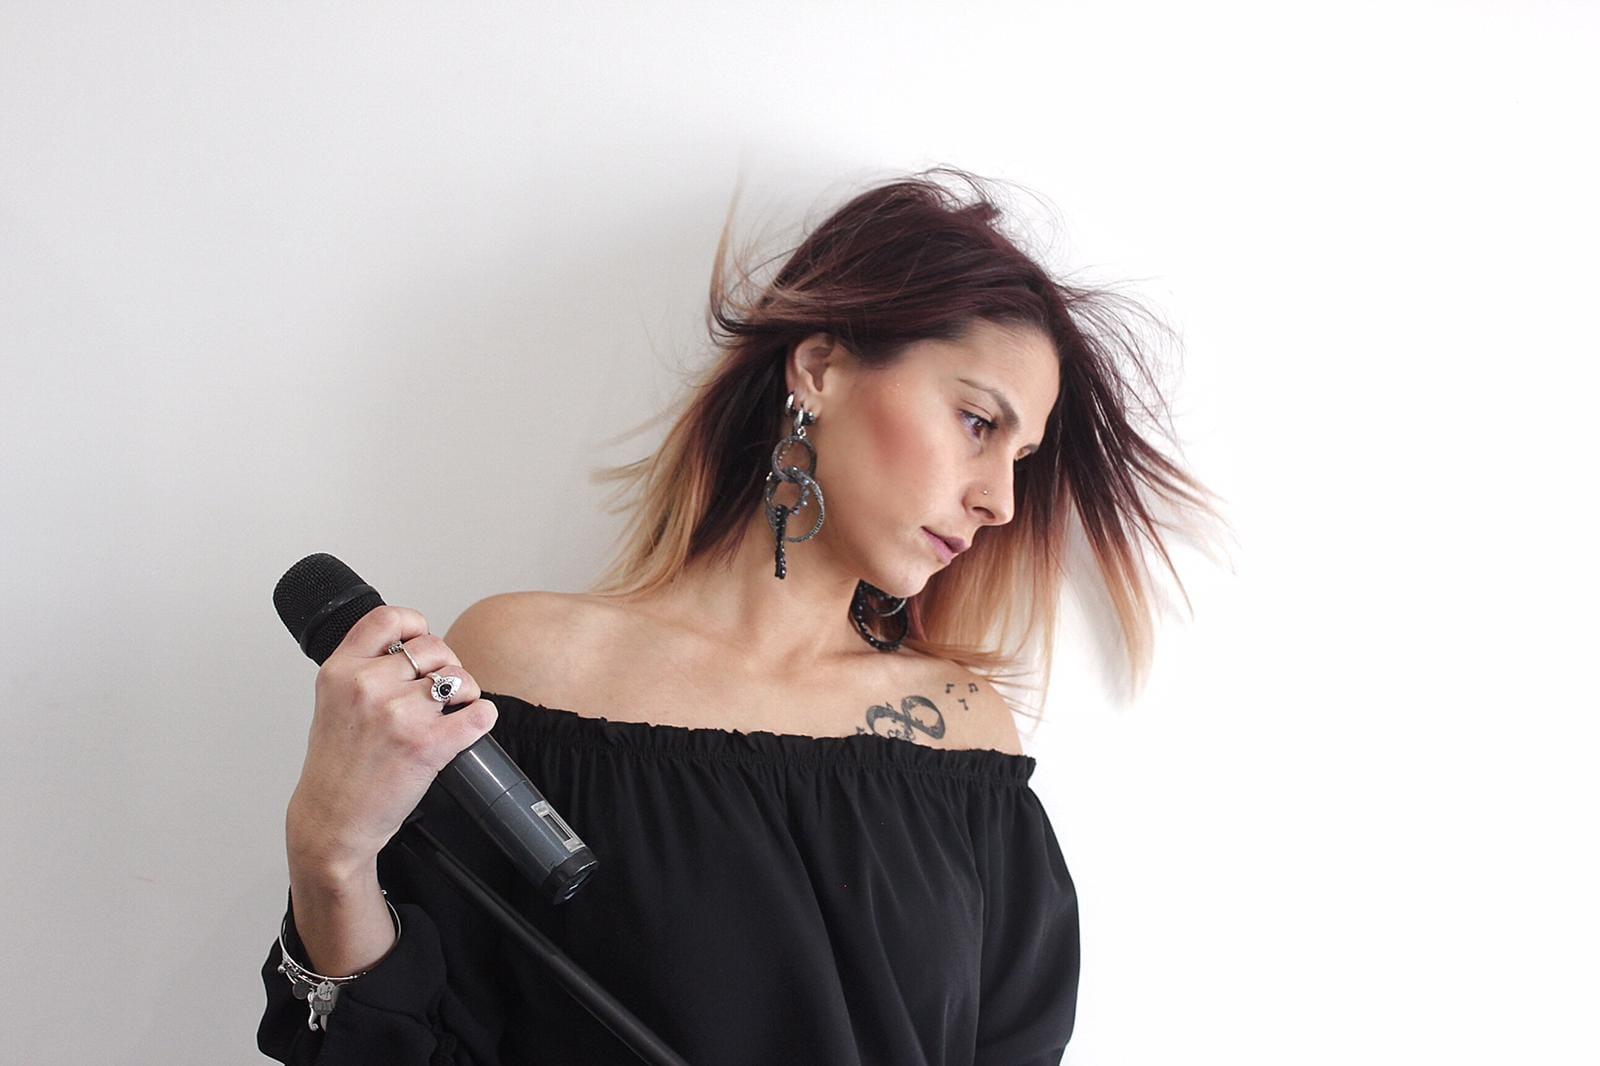 Al via la 3^ edizione di Borgo In Canto, tre giorni di masterclass con docenti d'eccezione e un live show conclusivo per i finalisti più talentuosi